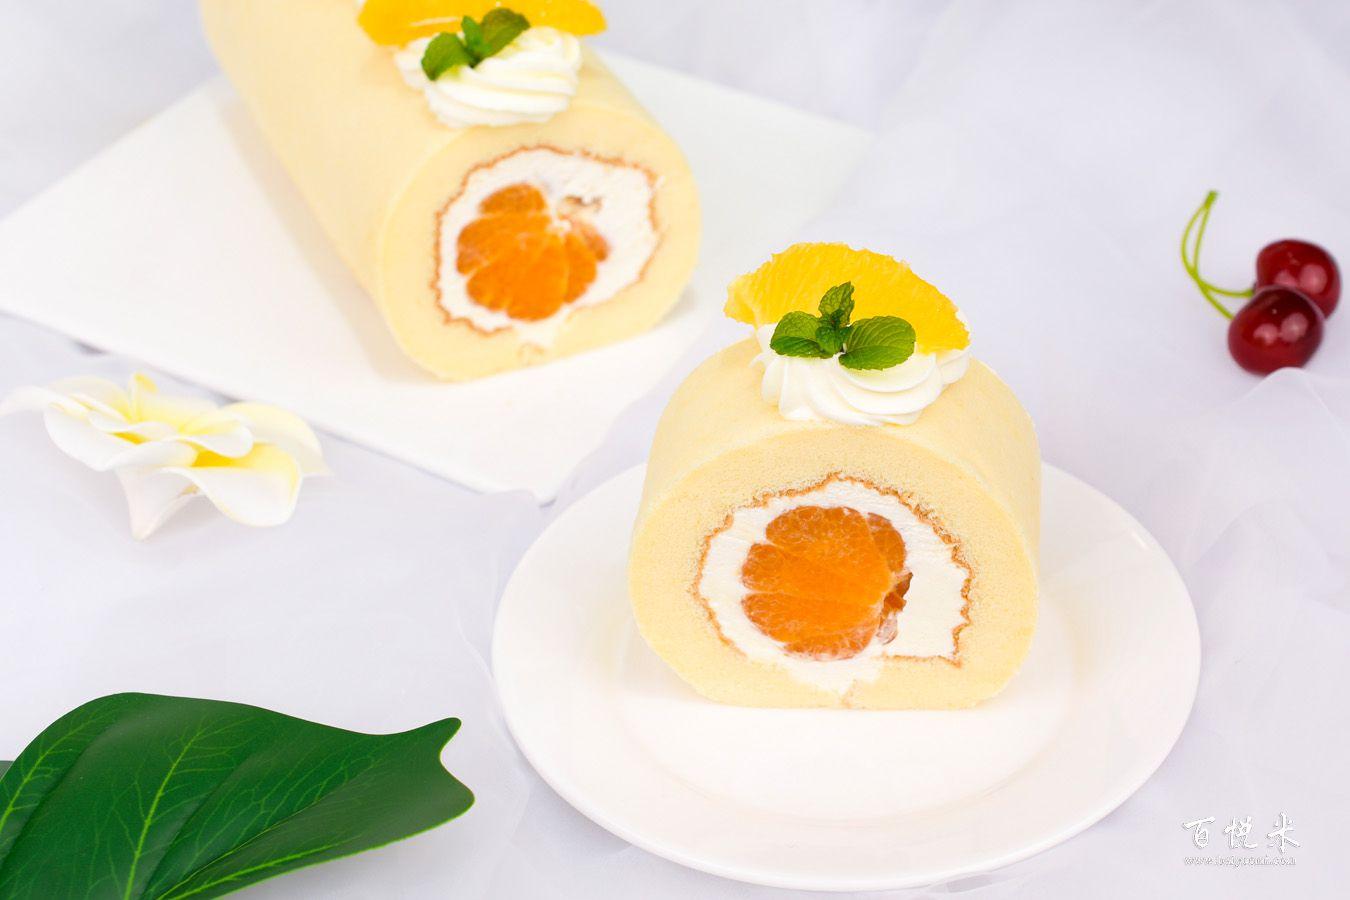 橘子卷的做法大全,橘子卷蛋糕培训图文步骤详解